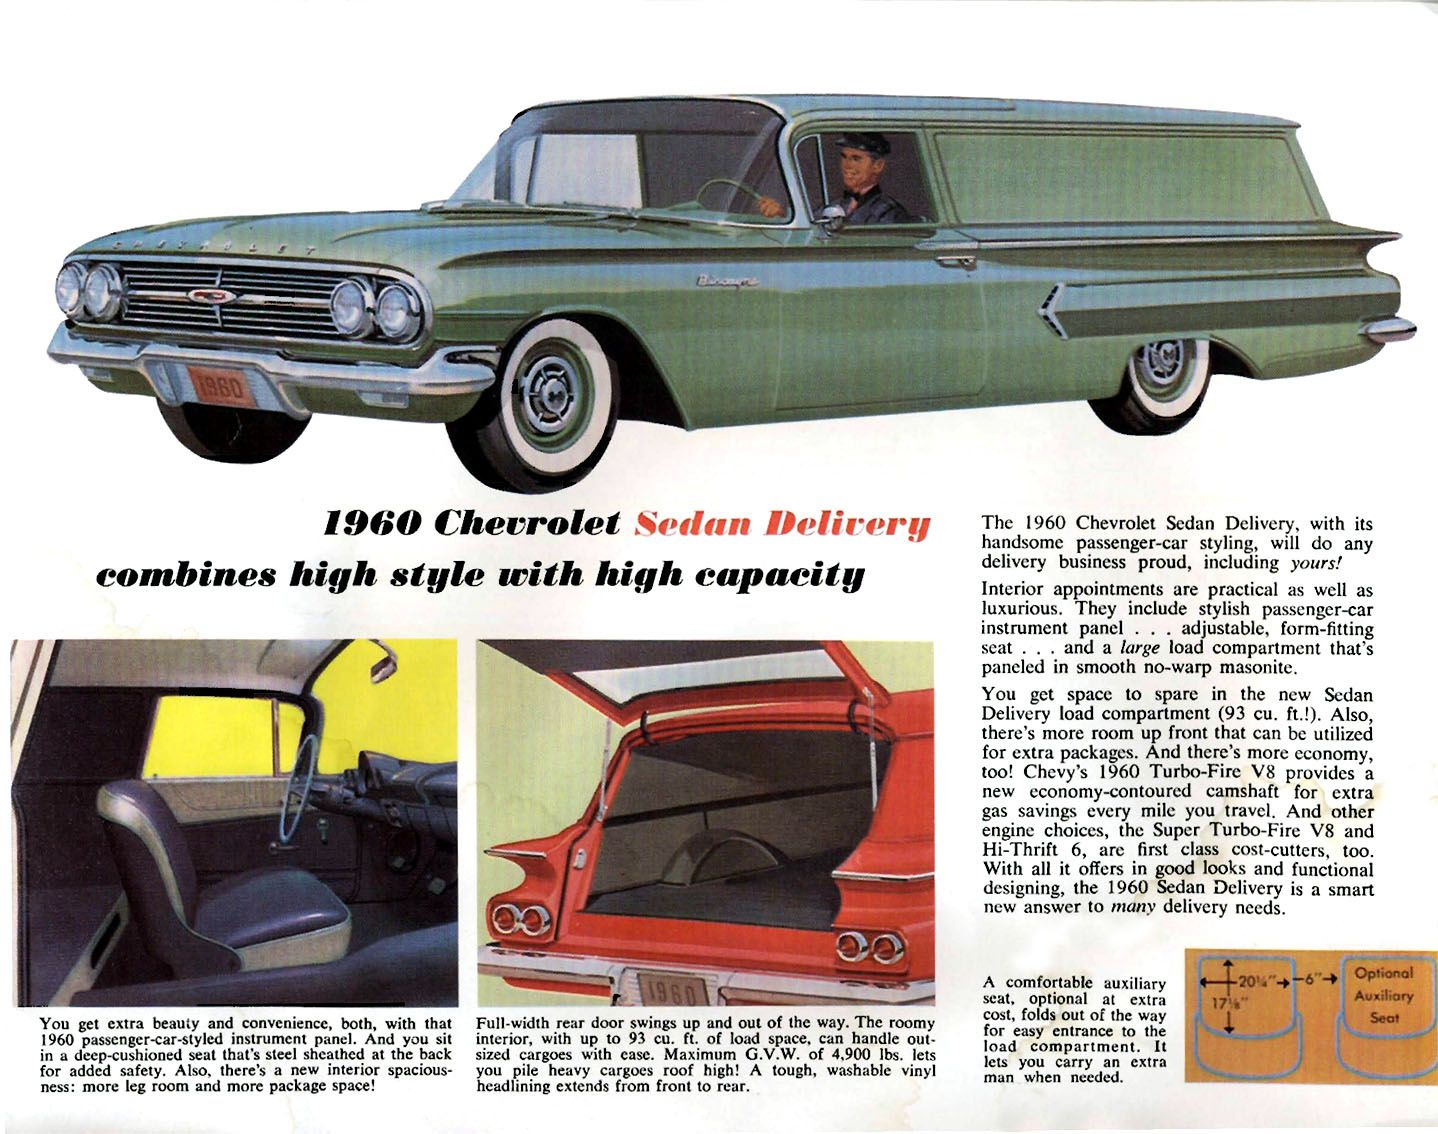 1960 Chevrolet El Camino And Sedan Delivery Brochure Chevrolet Sedan Automobile Advertising Vintage Truck